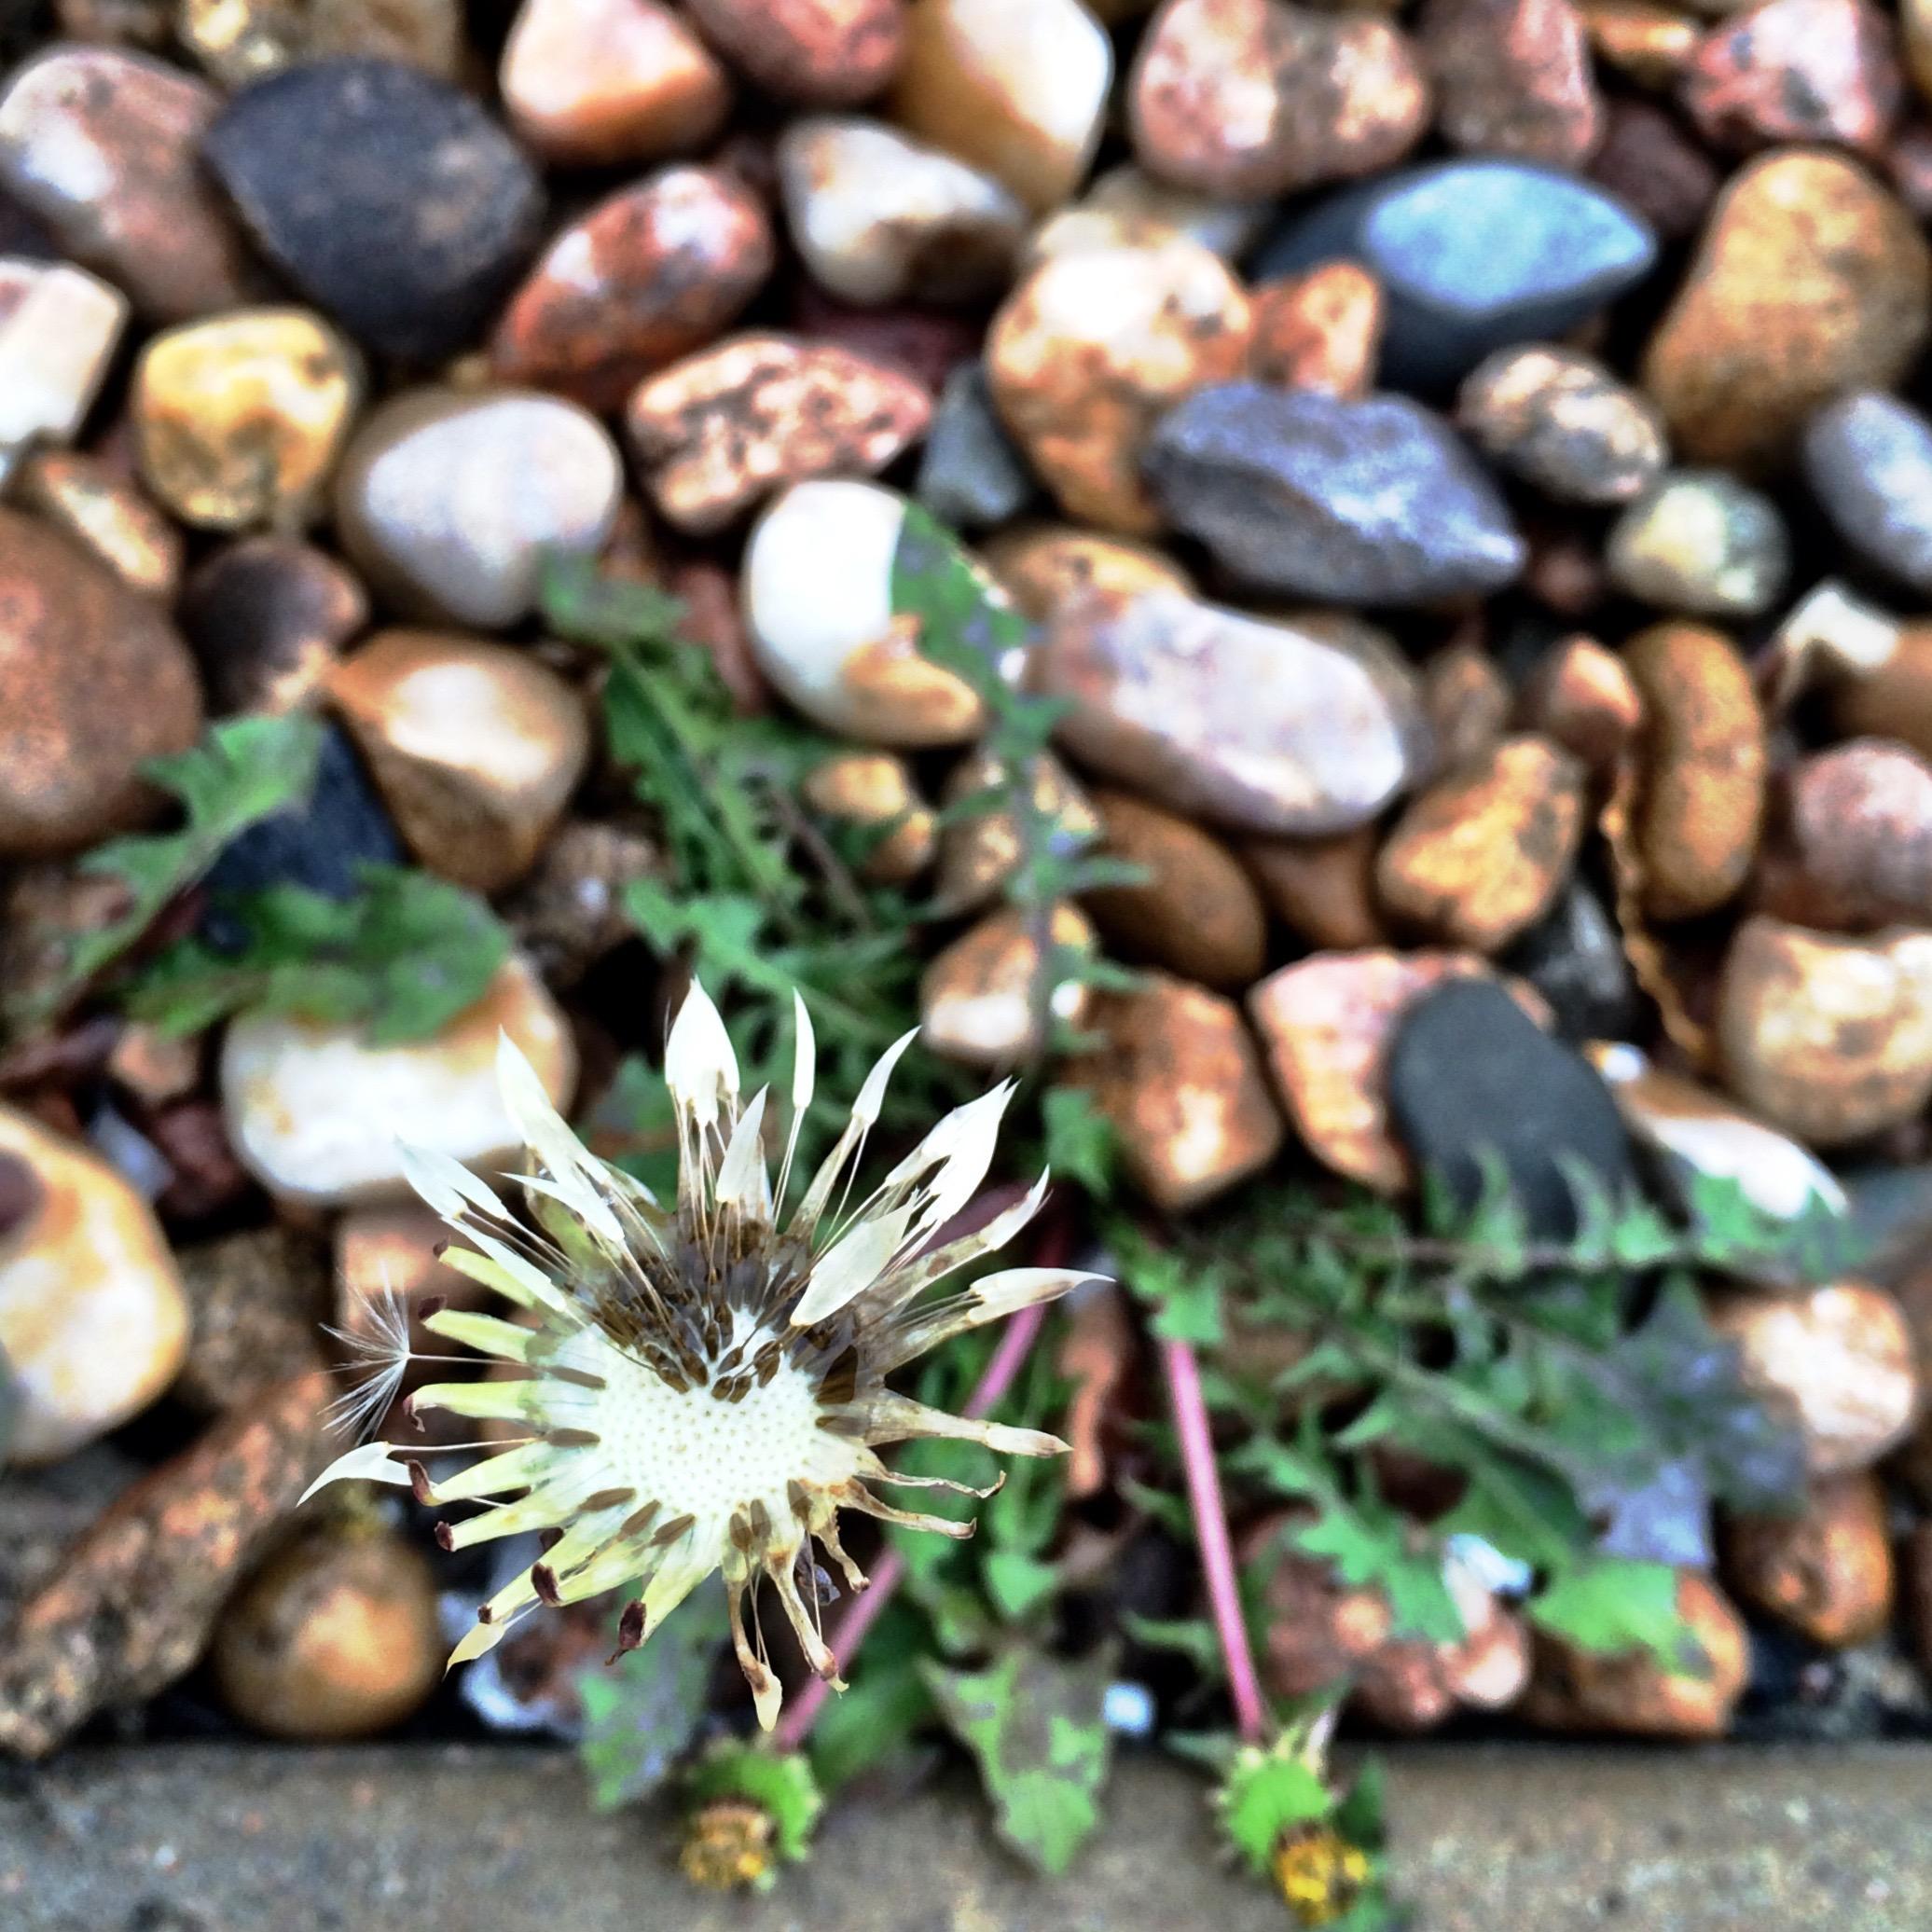 dying-dandelion-at-starbucks.jpg